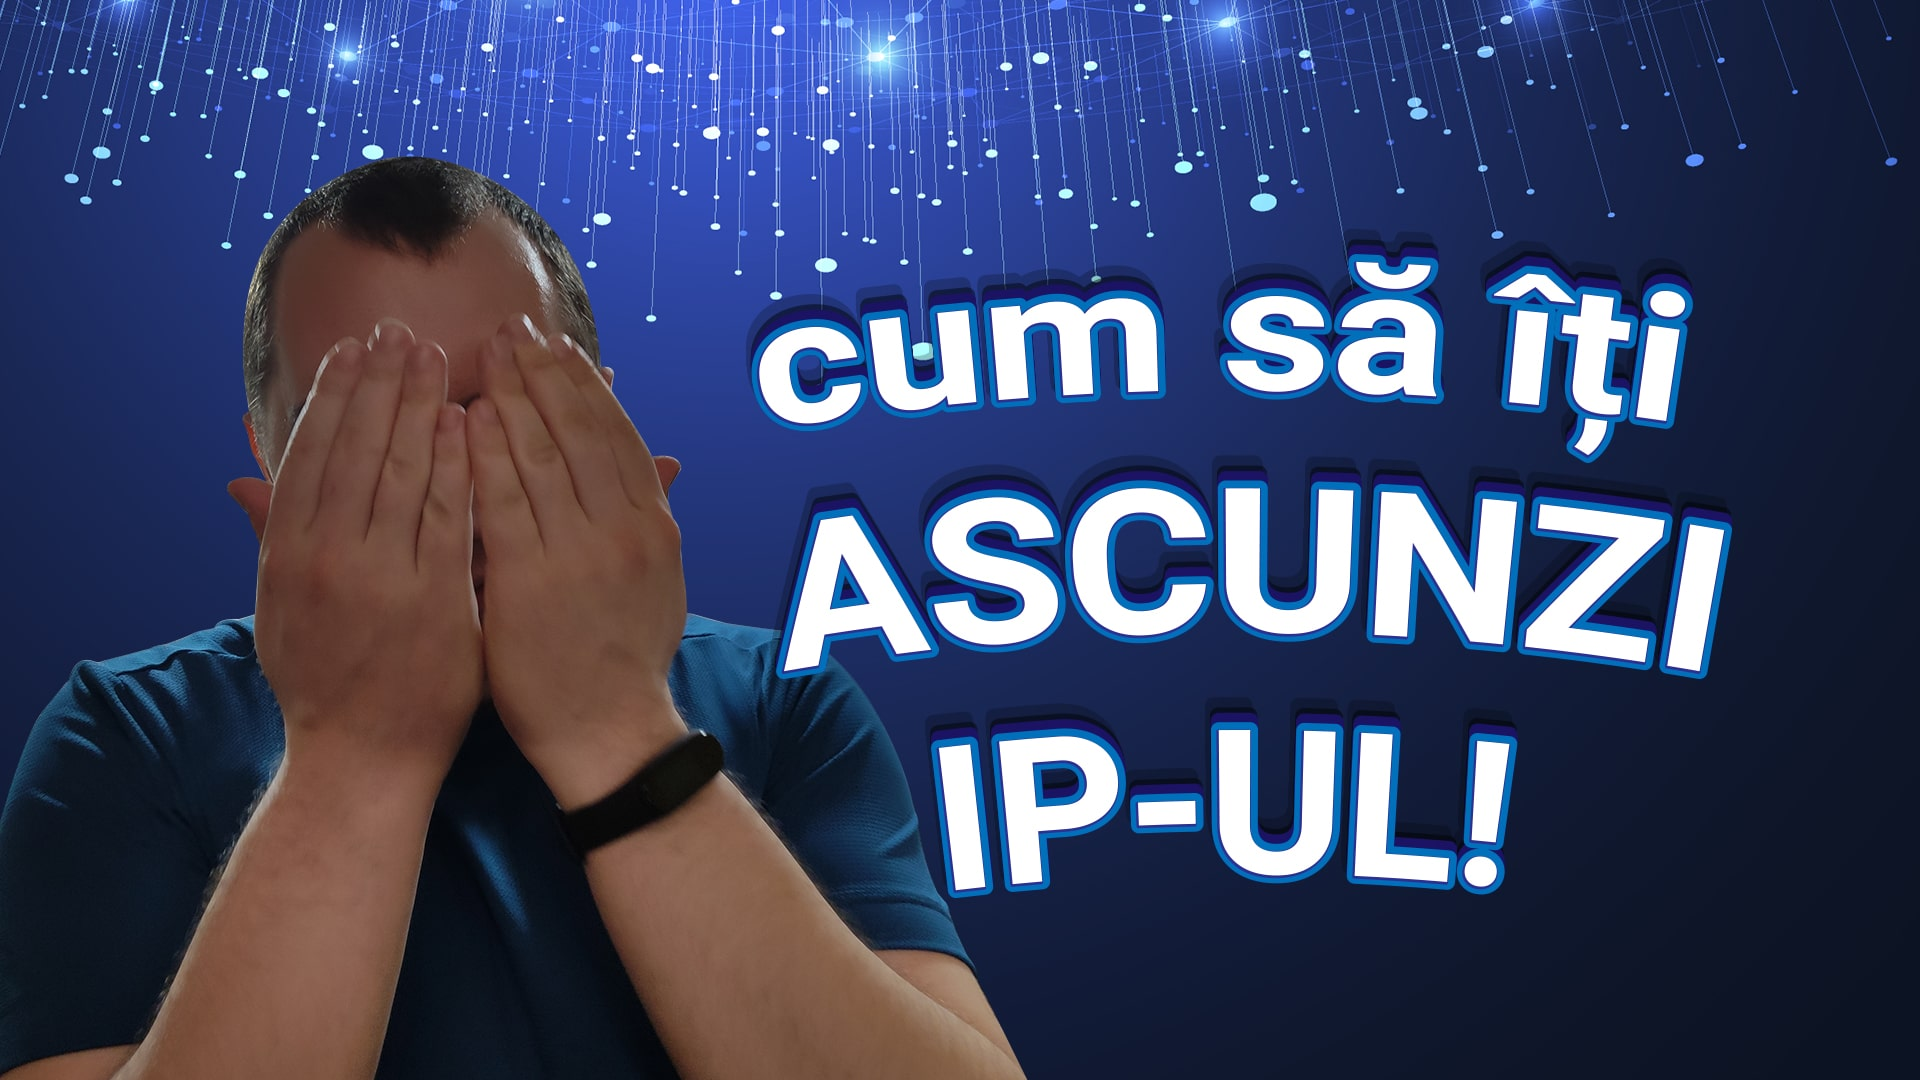 cum ascunzi ip-ul cu vpn proxy sau tor